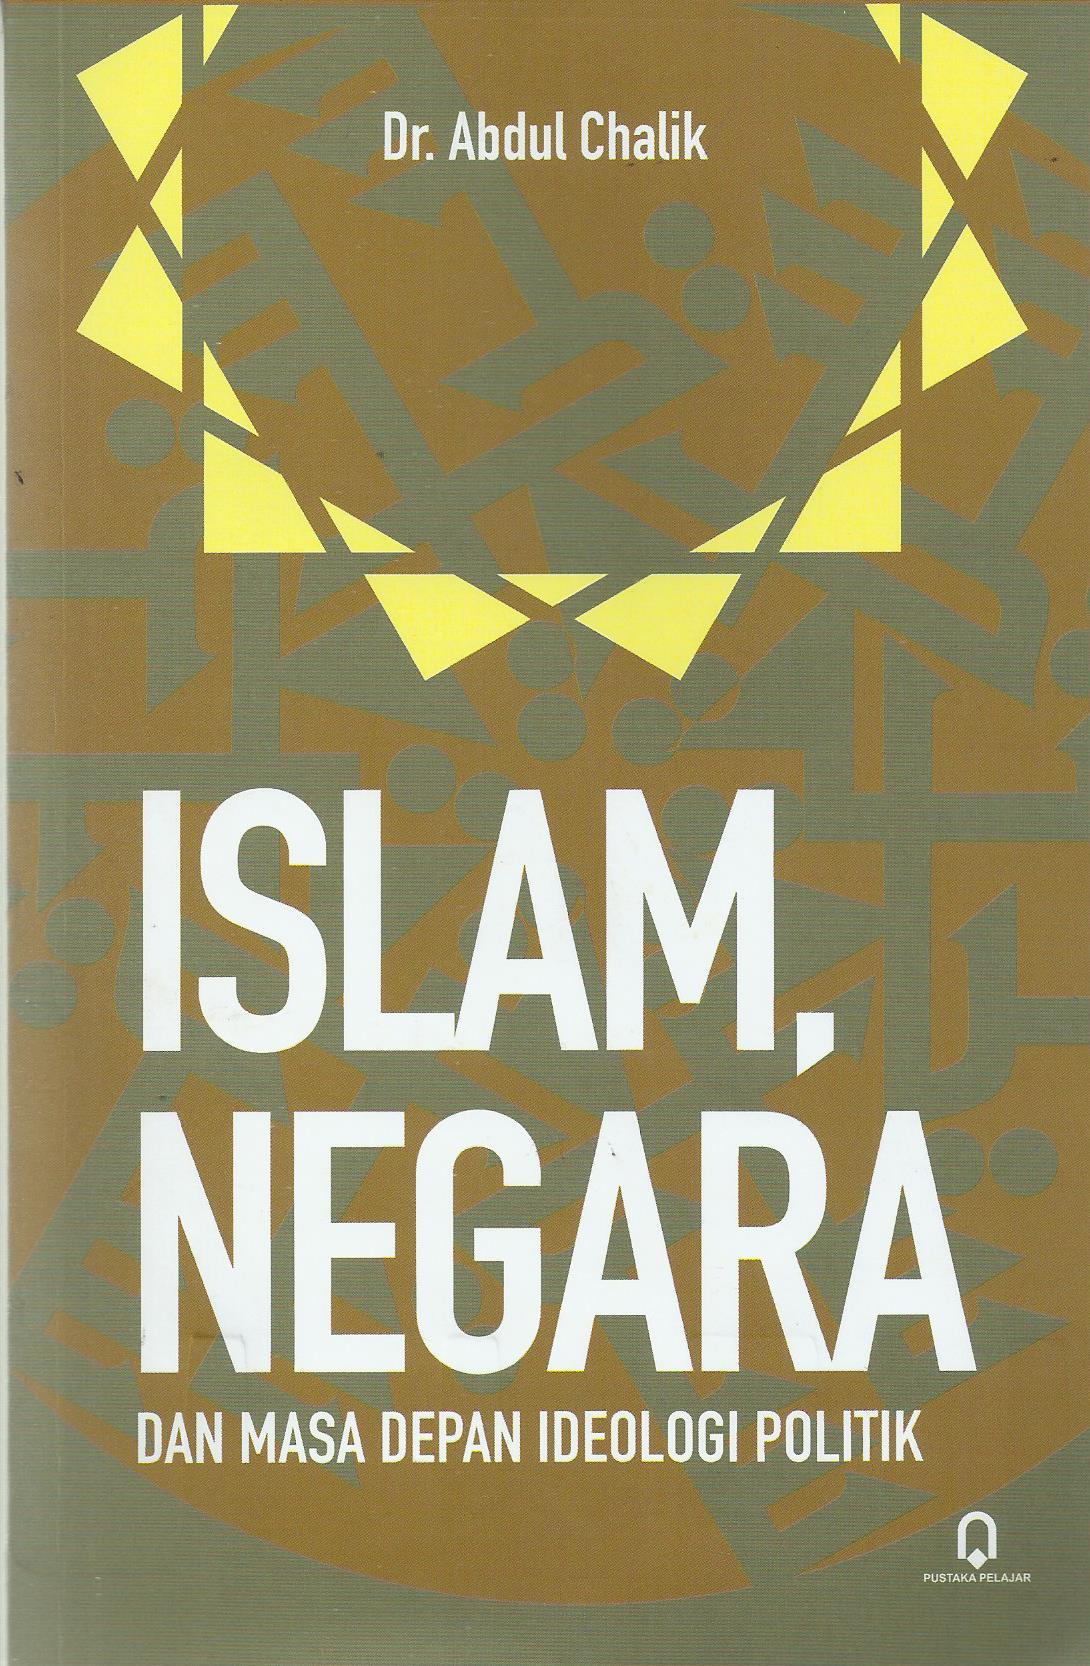 Islam Negara dan Masa Depan Ideologi Politik